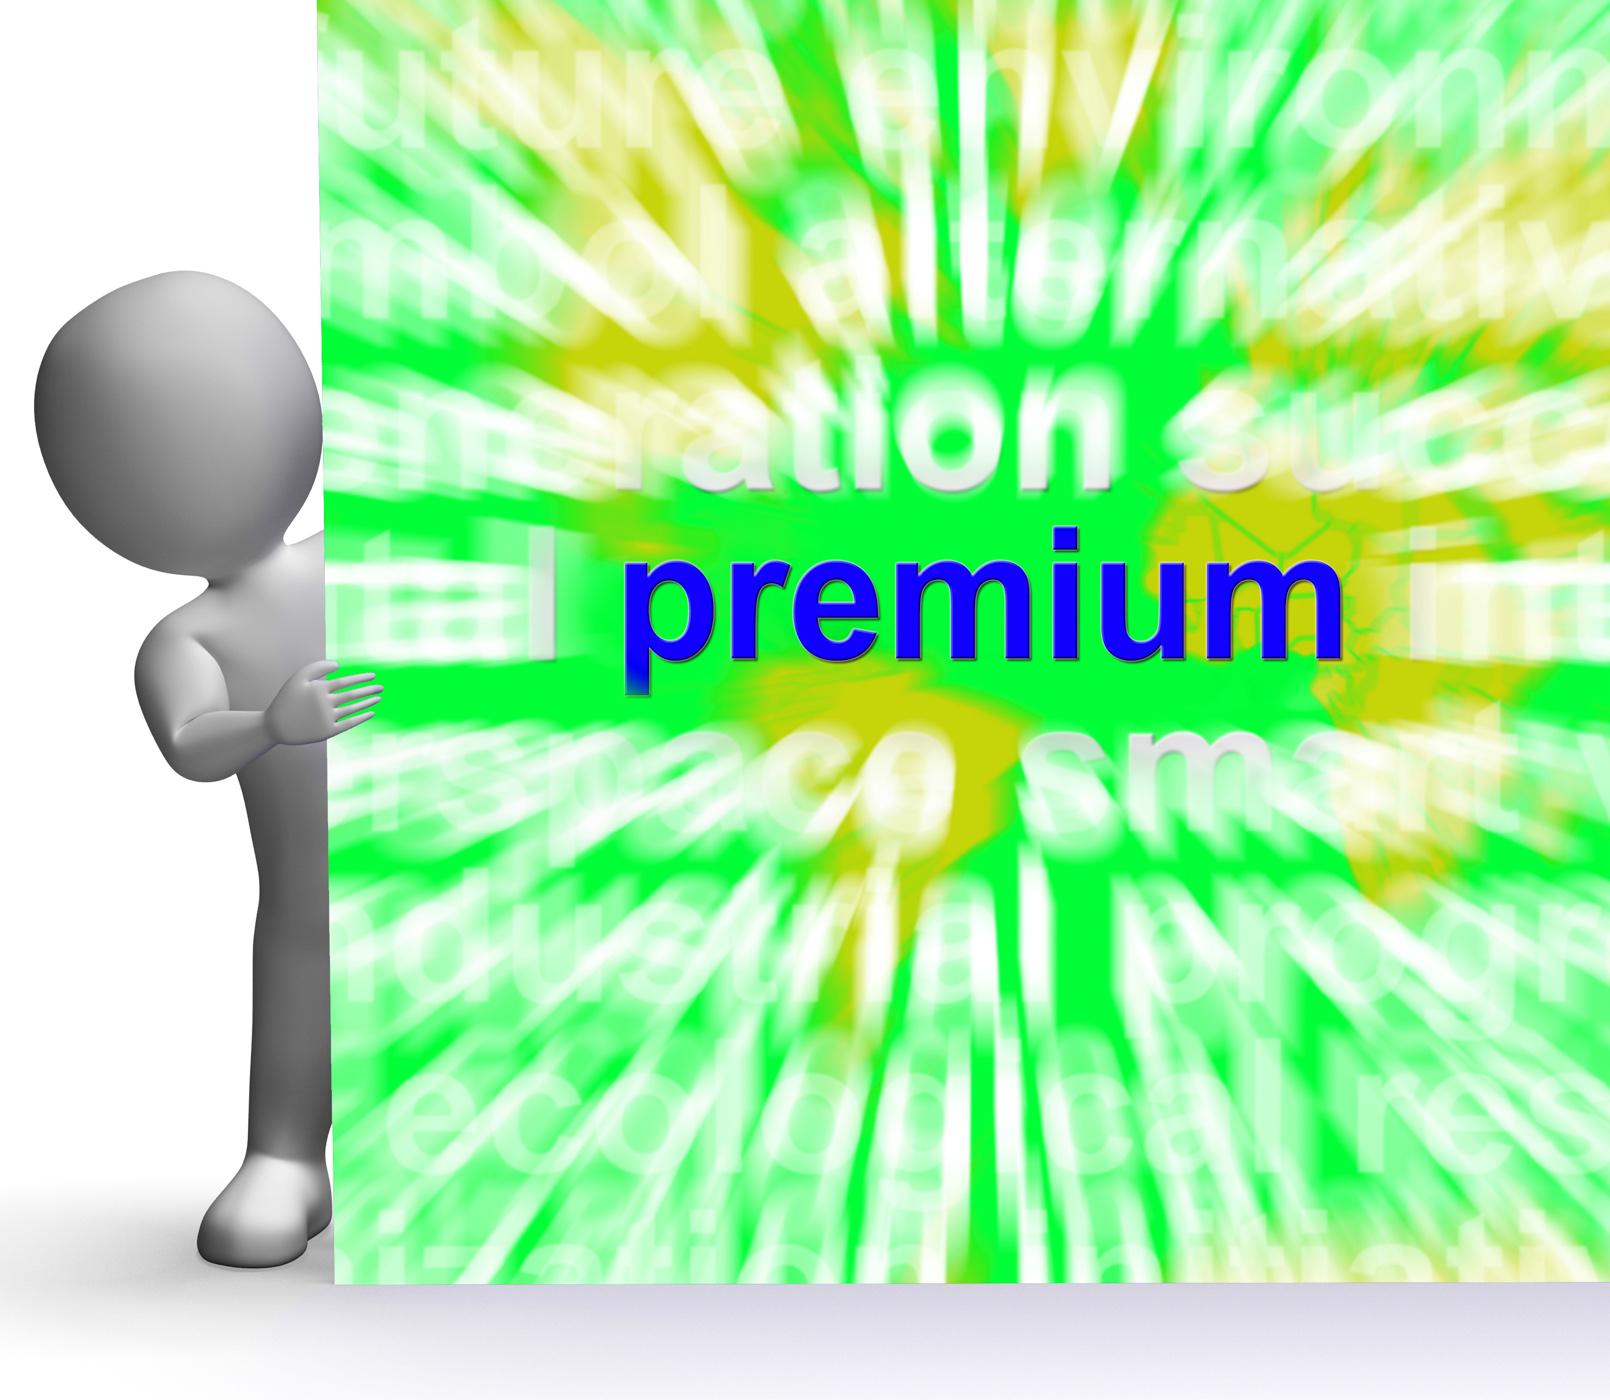 Premium word cloud sign shows best bonus premiums photo